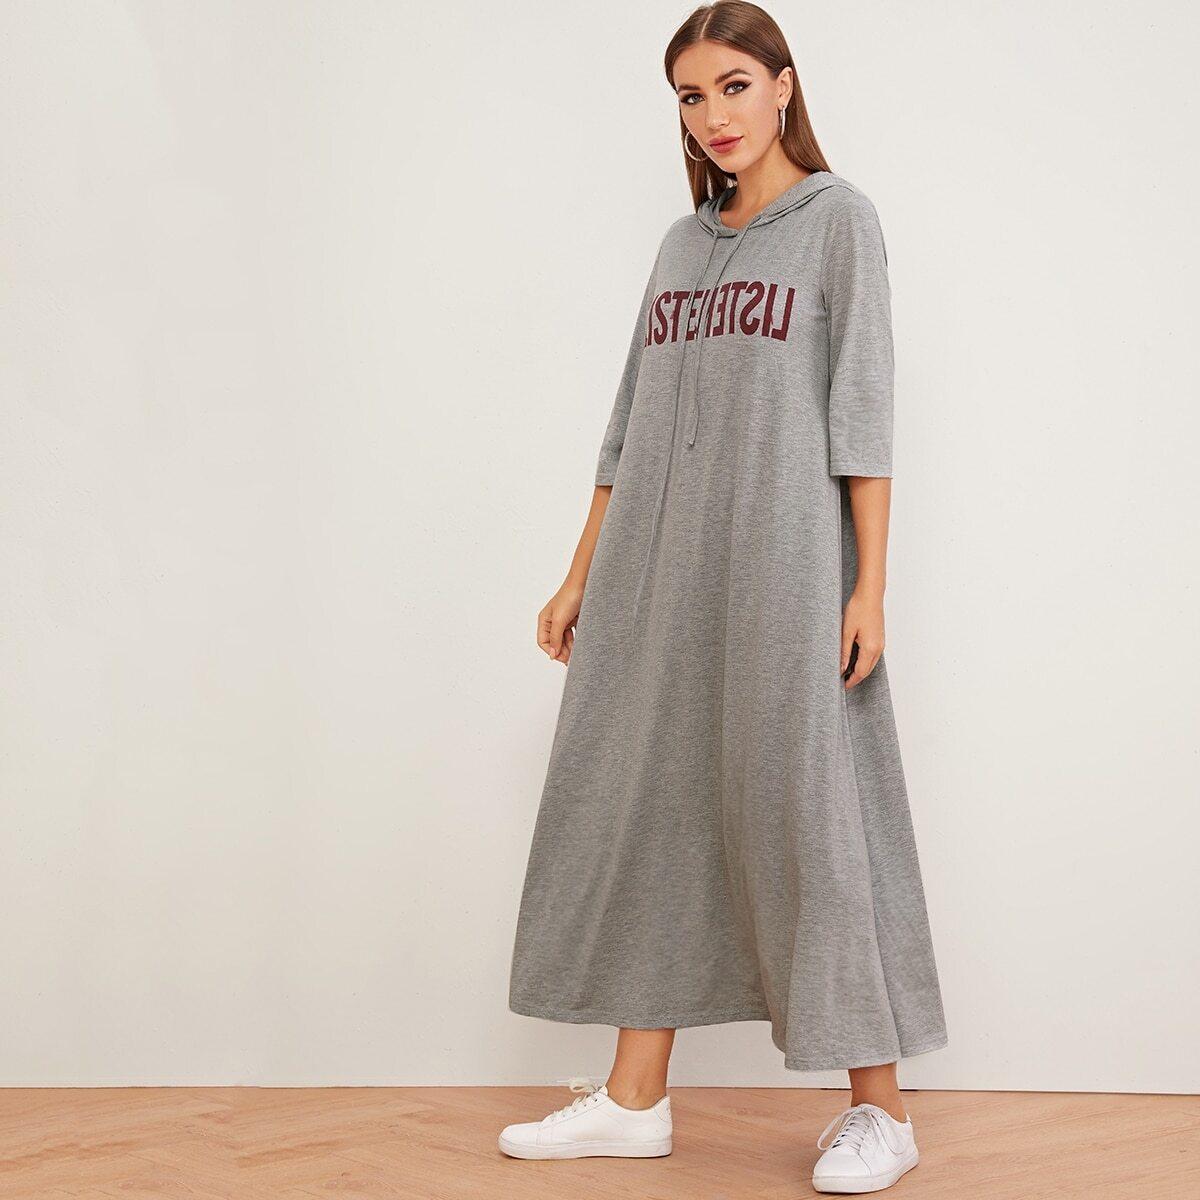 Длинное платье с капюшоном и текстовым принтом